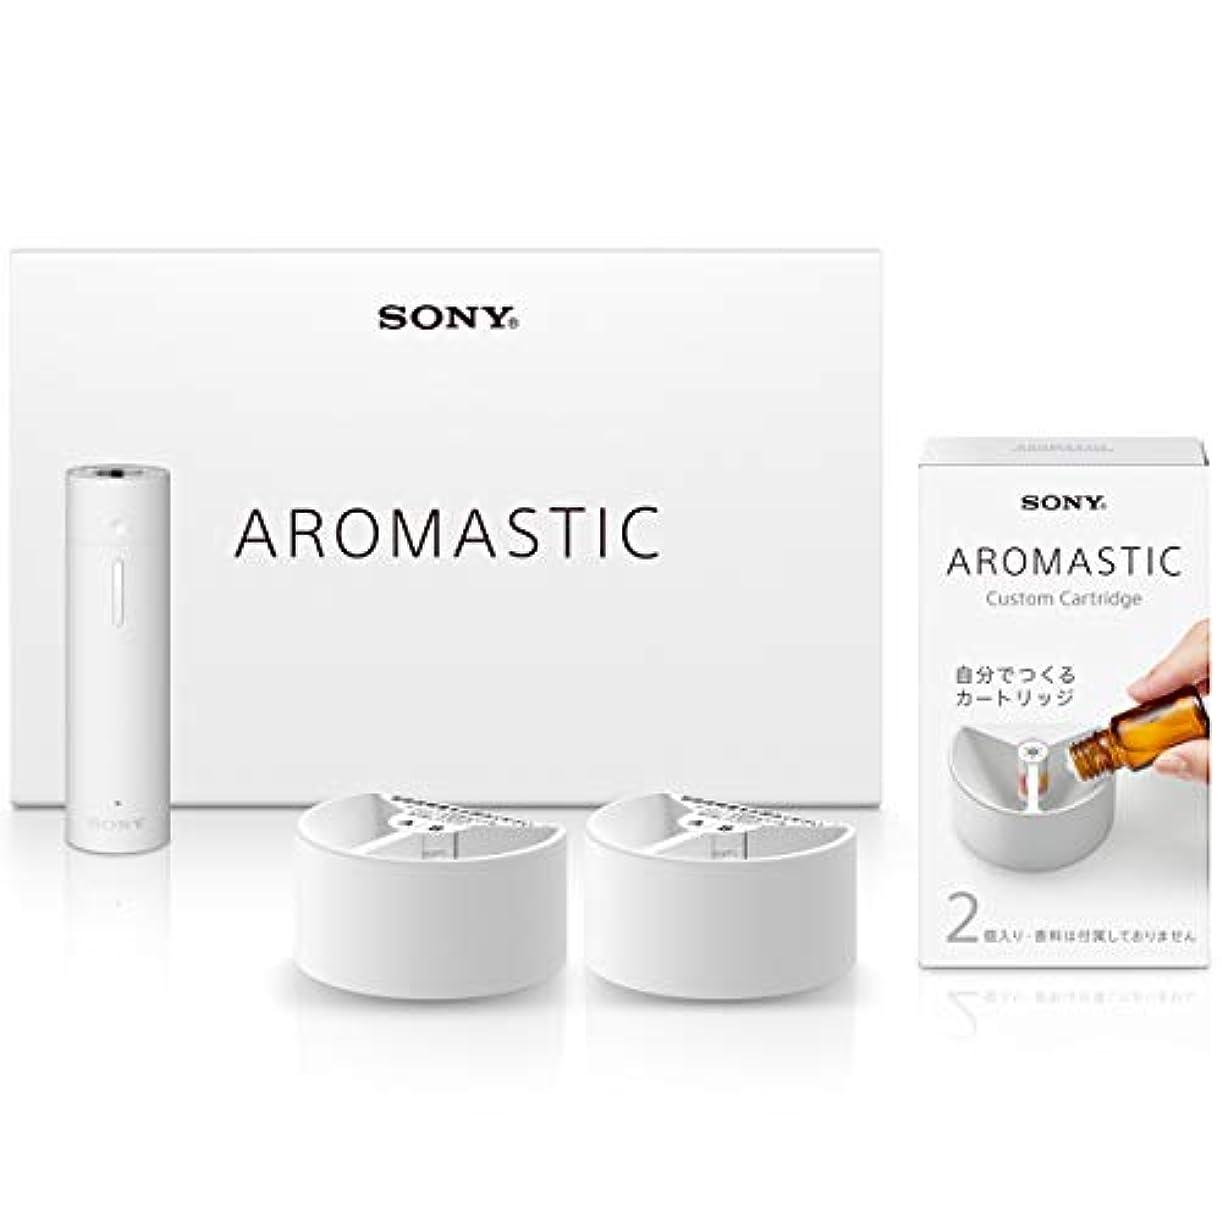 クレア手順真実AROMASTIC Gift Box(ギフトボックス) W001